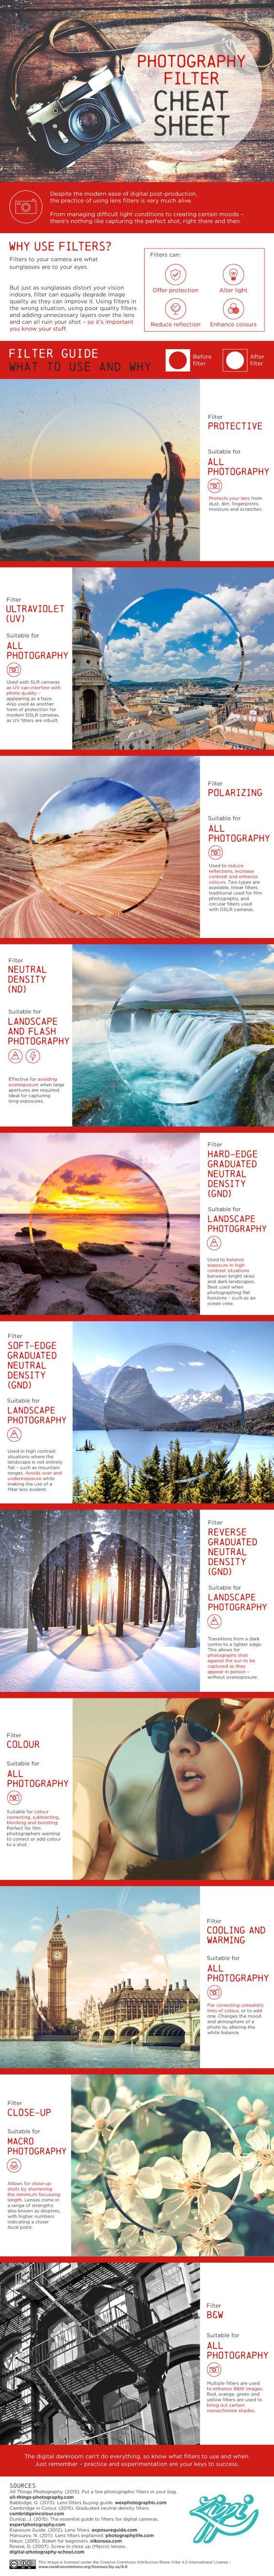 Tipos de filtros fotográficos